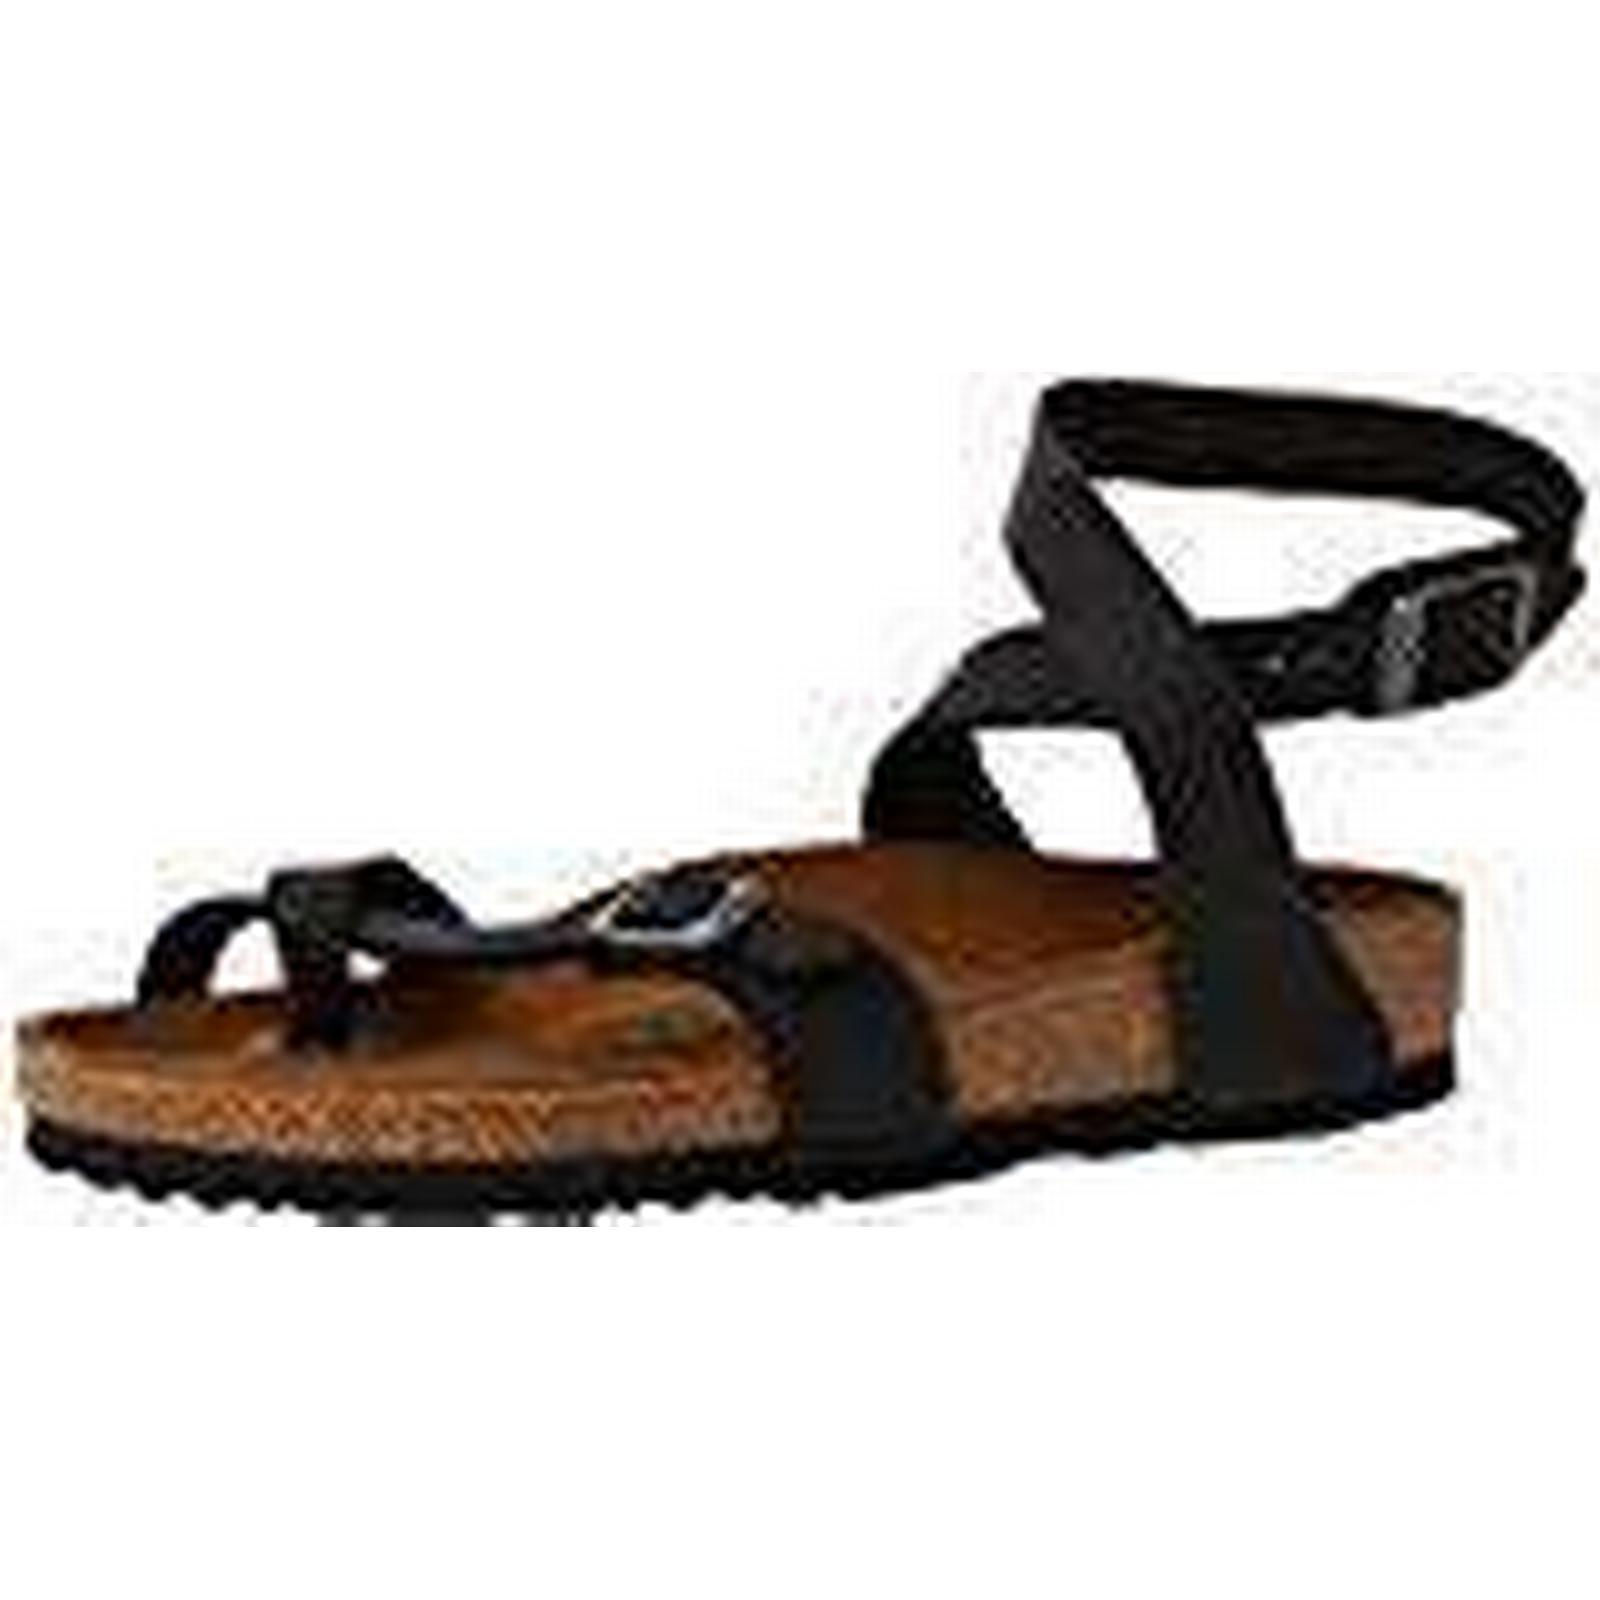 Birkenstock Women's Black Yara Ankle Strap Sandals, Black Women's (Noir Noir), 3.5 UK (36 EU) 8413af